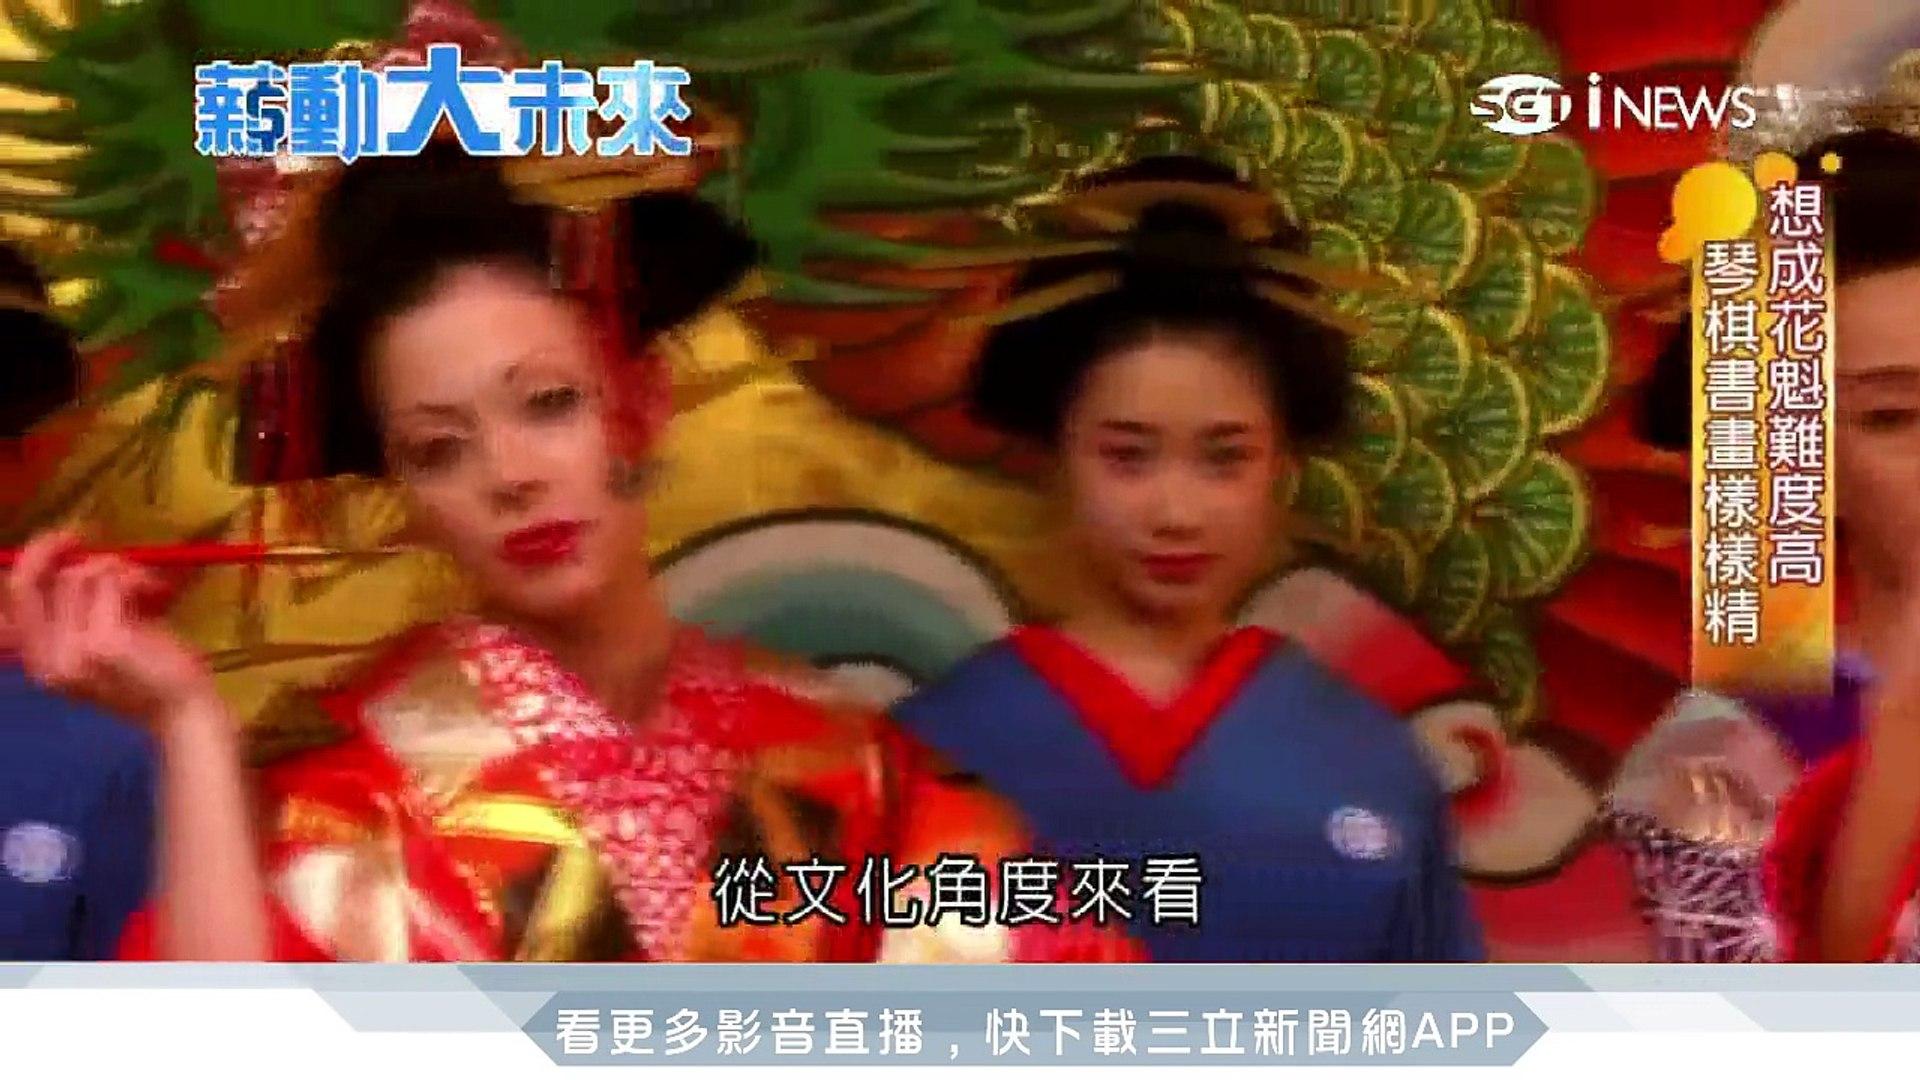 日本「花魁」熱潮襲台 熱門攝影風格|三立新聞台